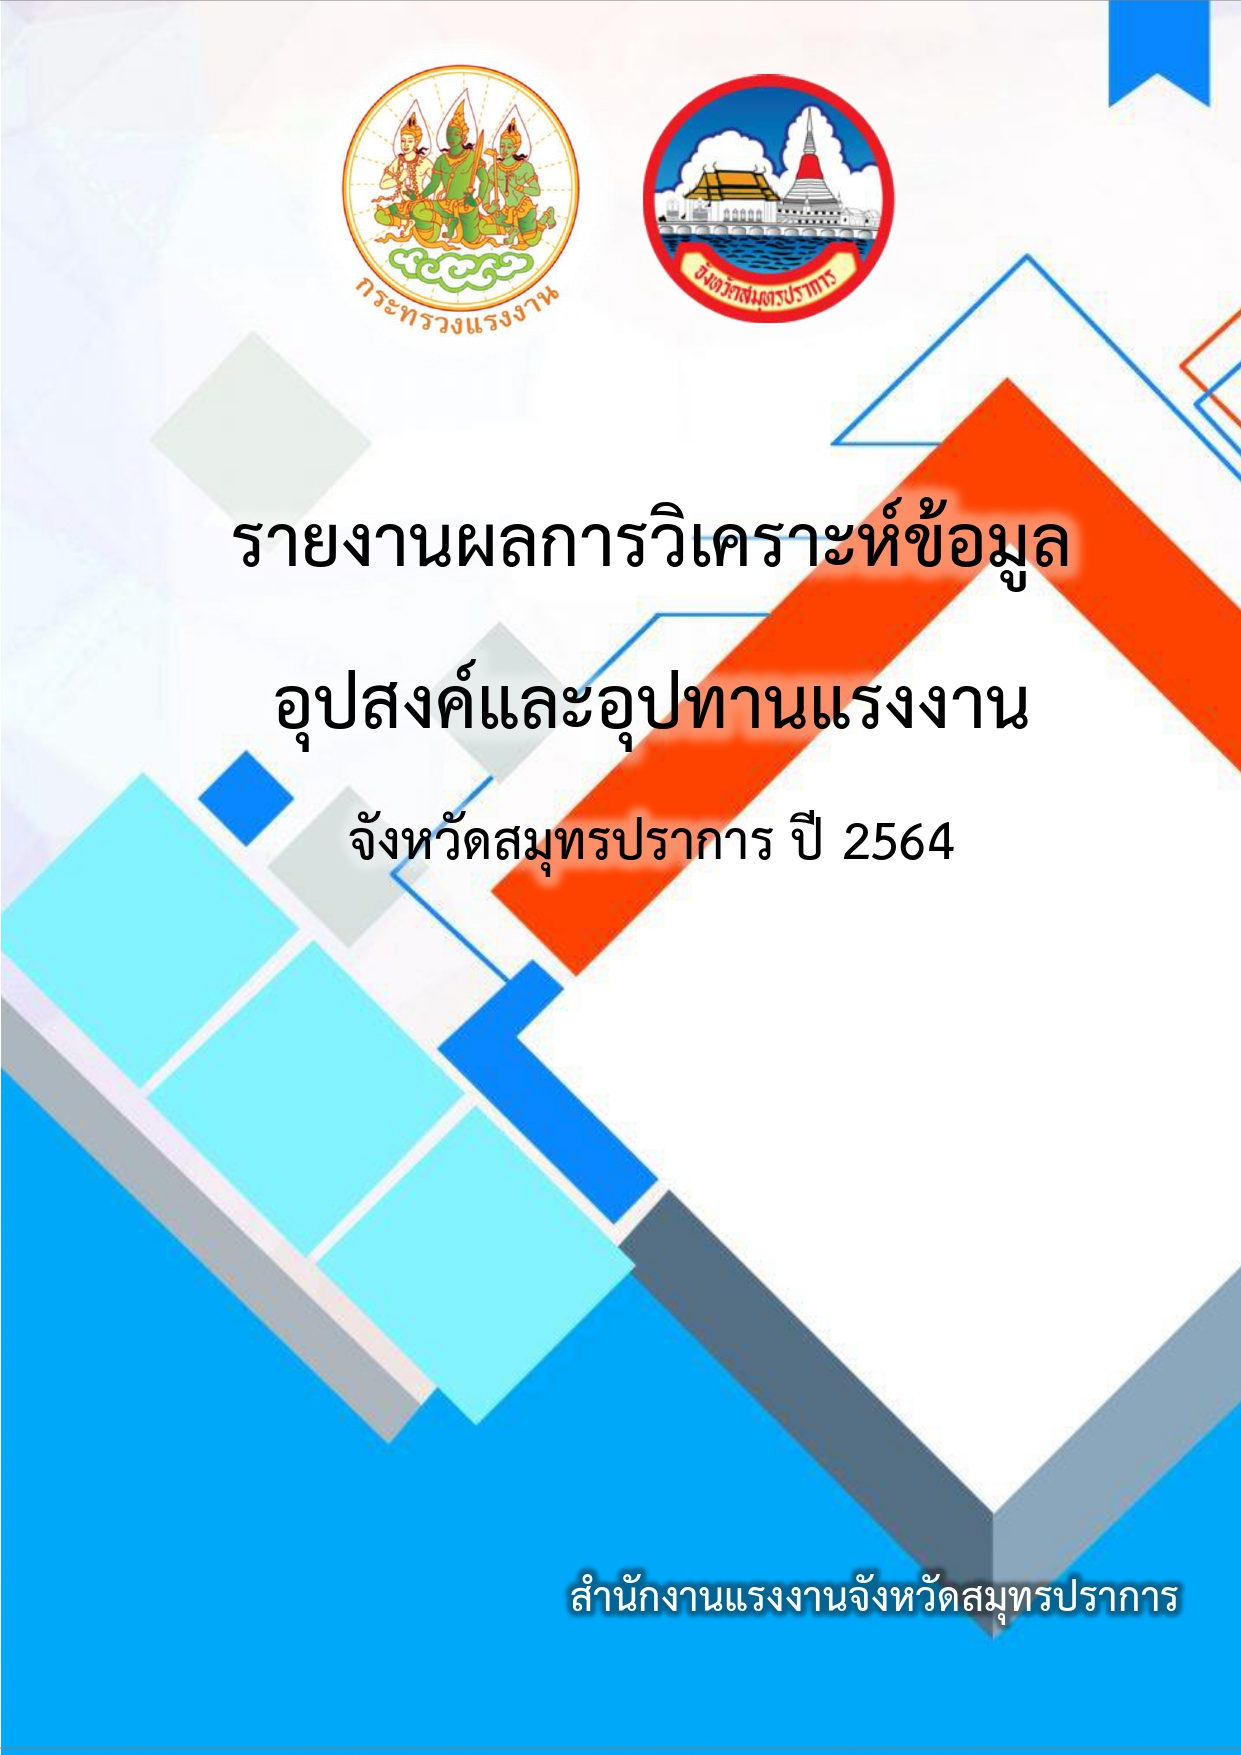 รายงานผลการวิเคราะห์ข้อมูล อุปสงค์และอุปทานแรงงาน จังหวัดสมุทรปราการ ปี 2564